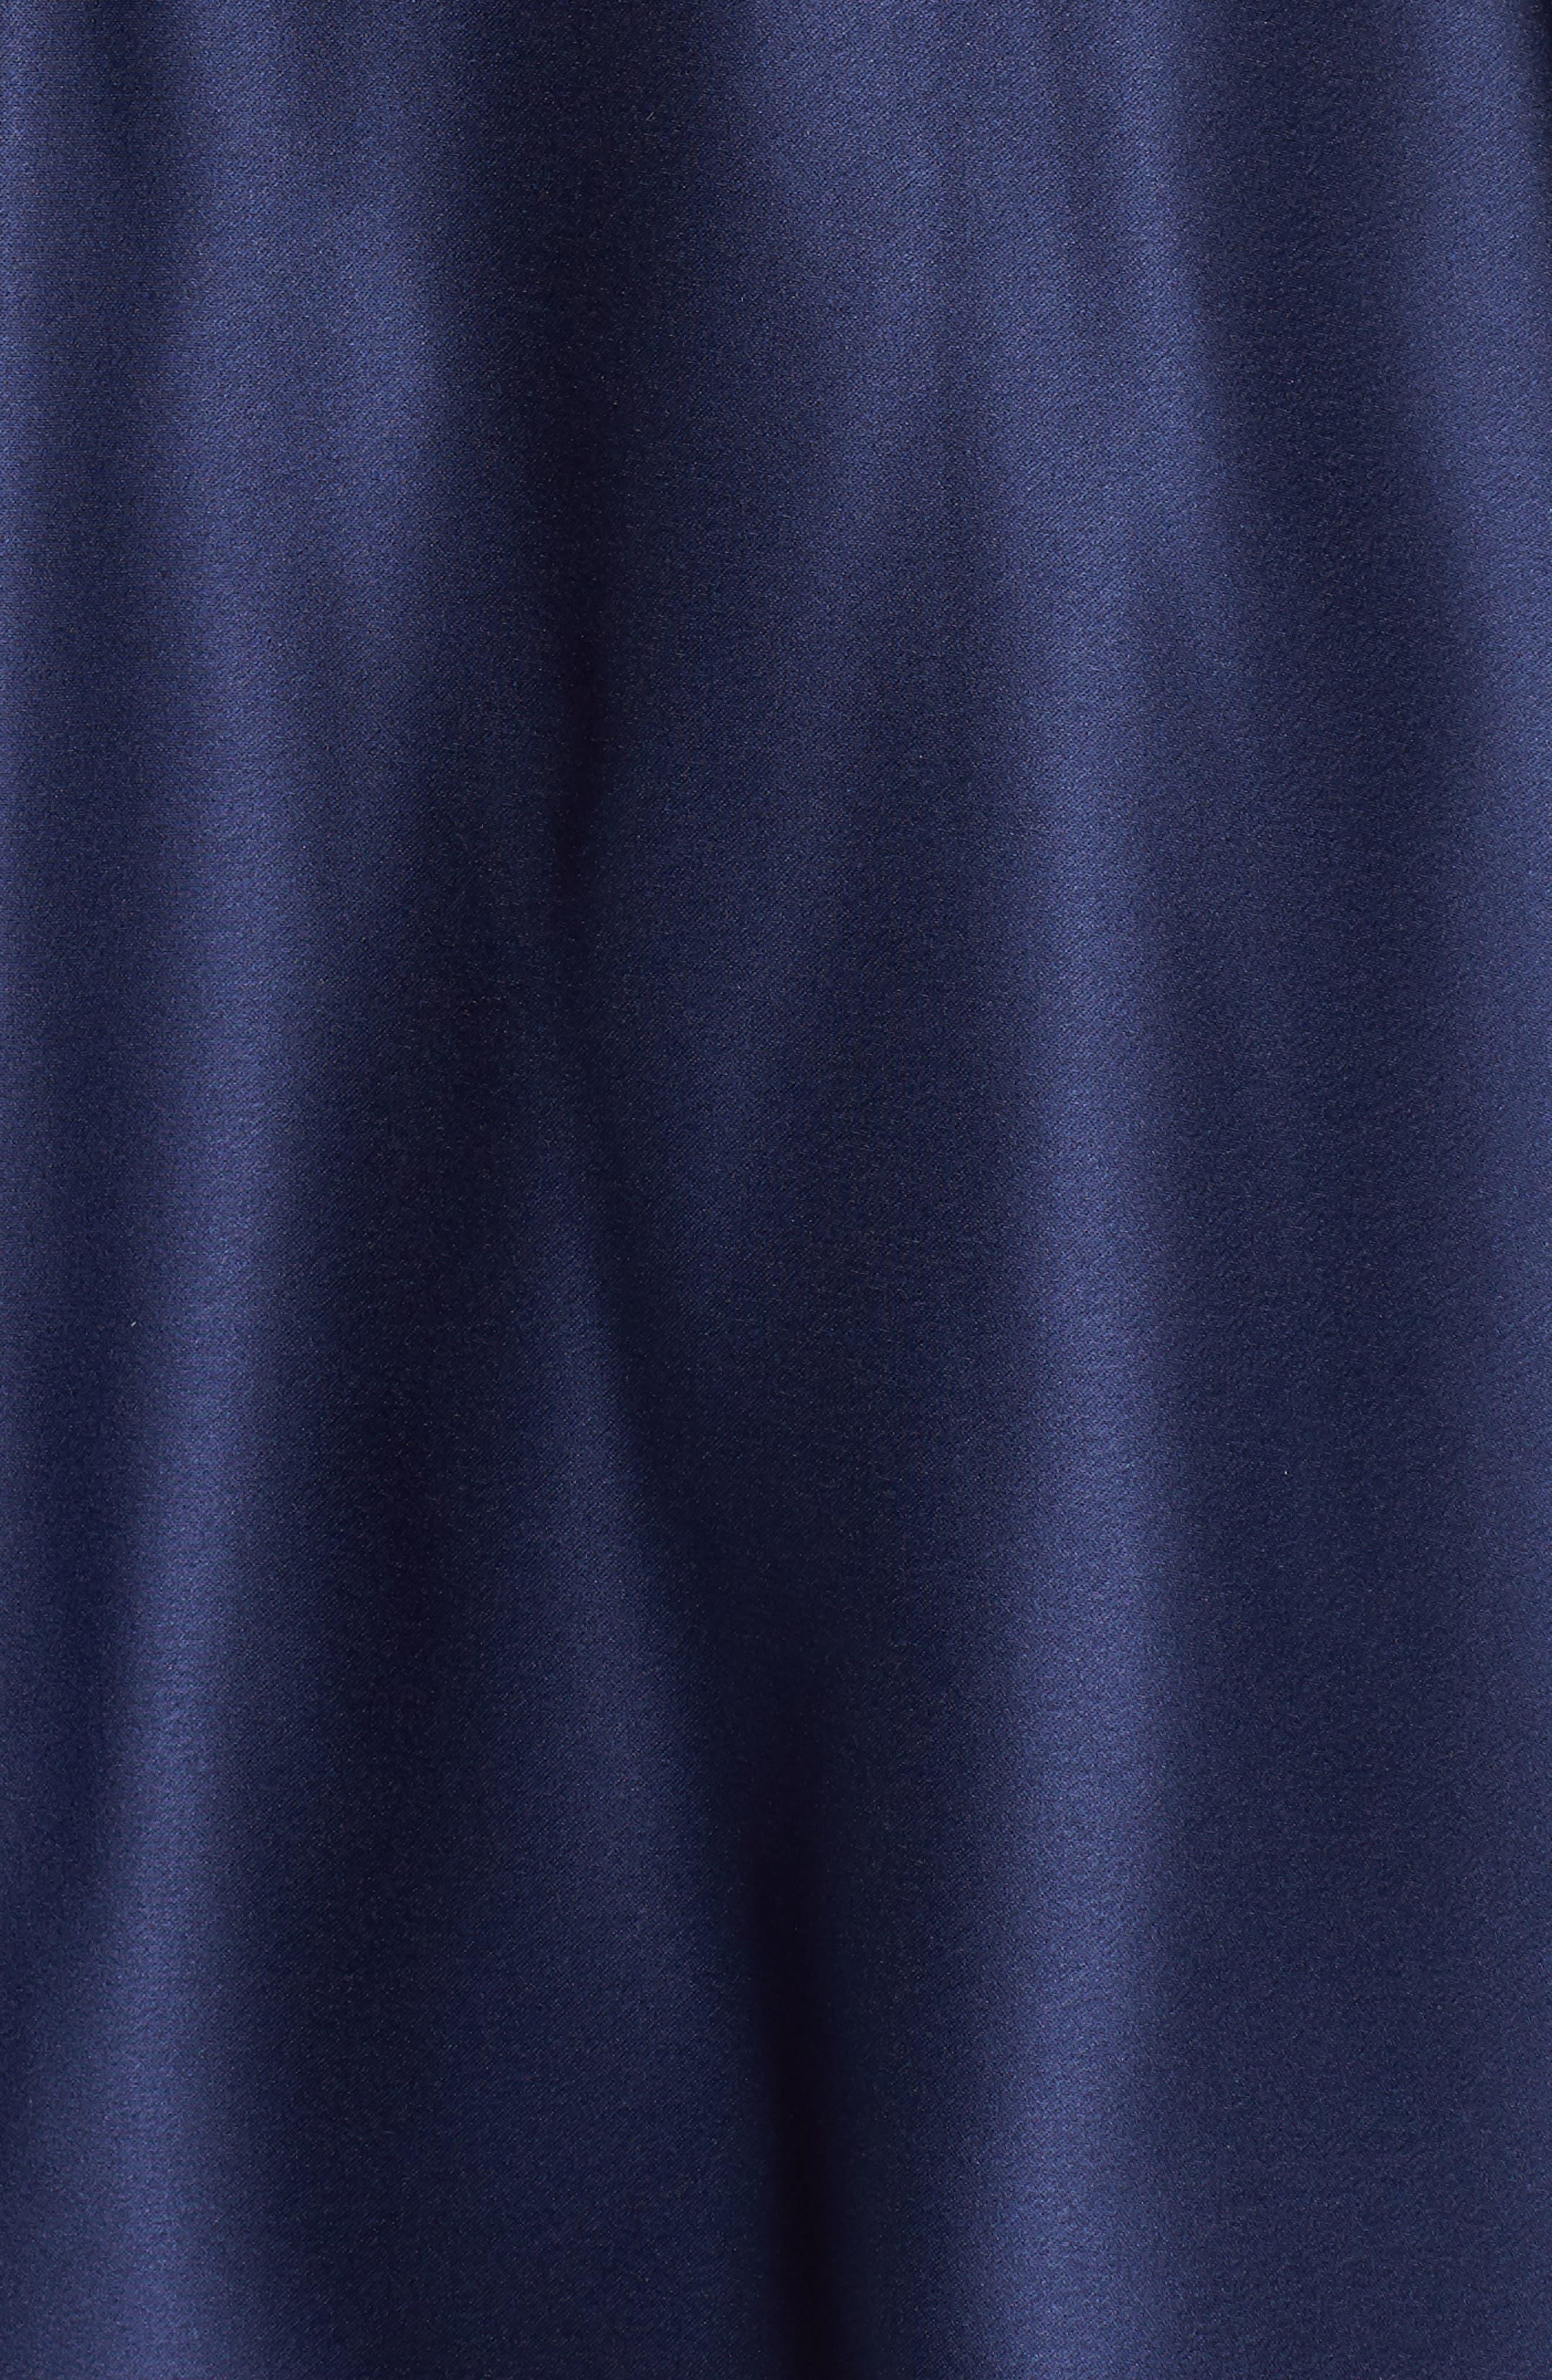 Embellished Satin Fit & Flare Dress,                             Alternate thumbnail 5, color,                             Navy